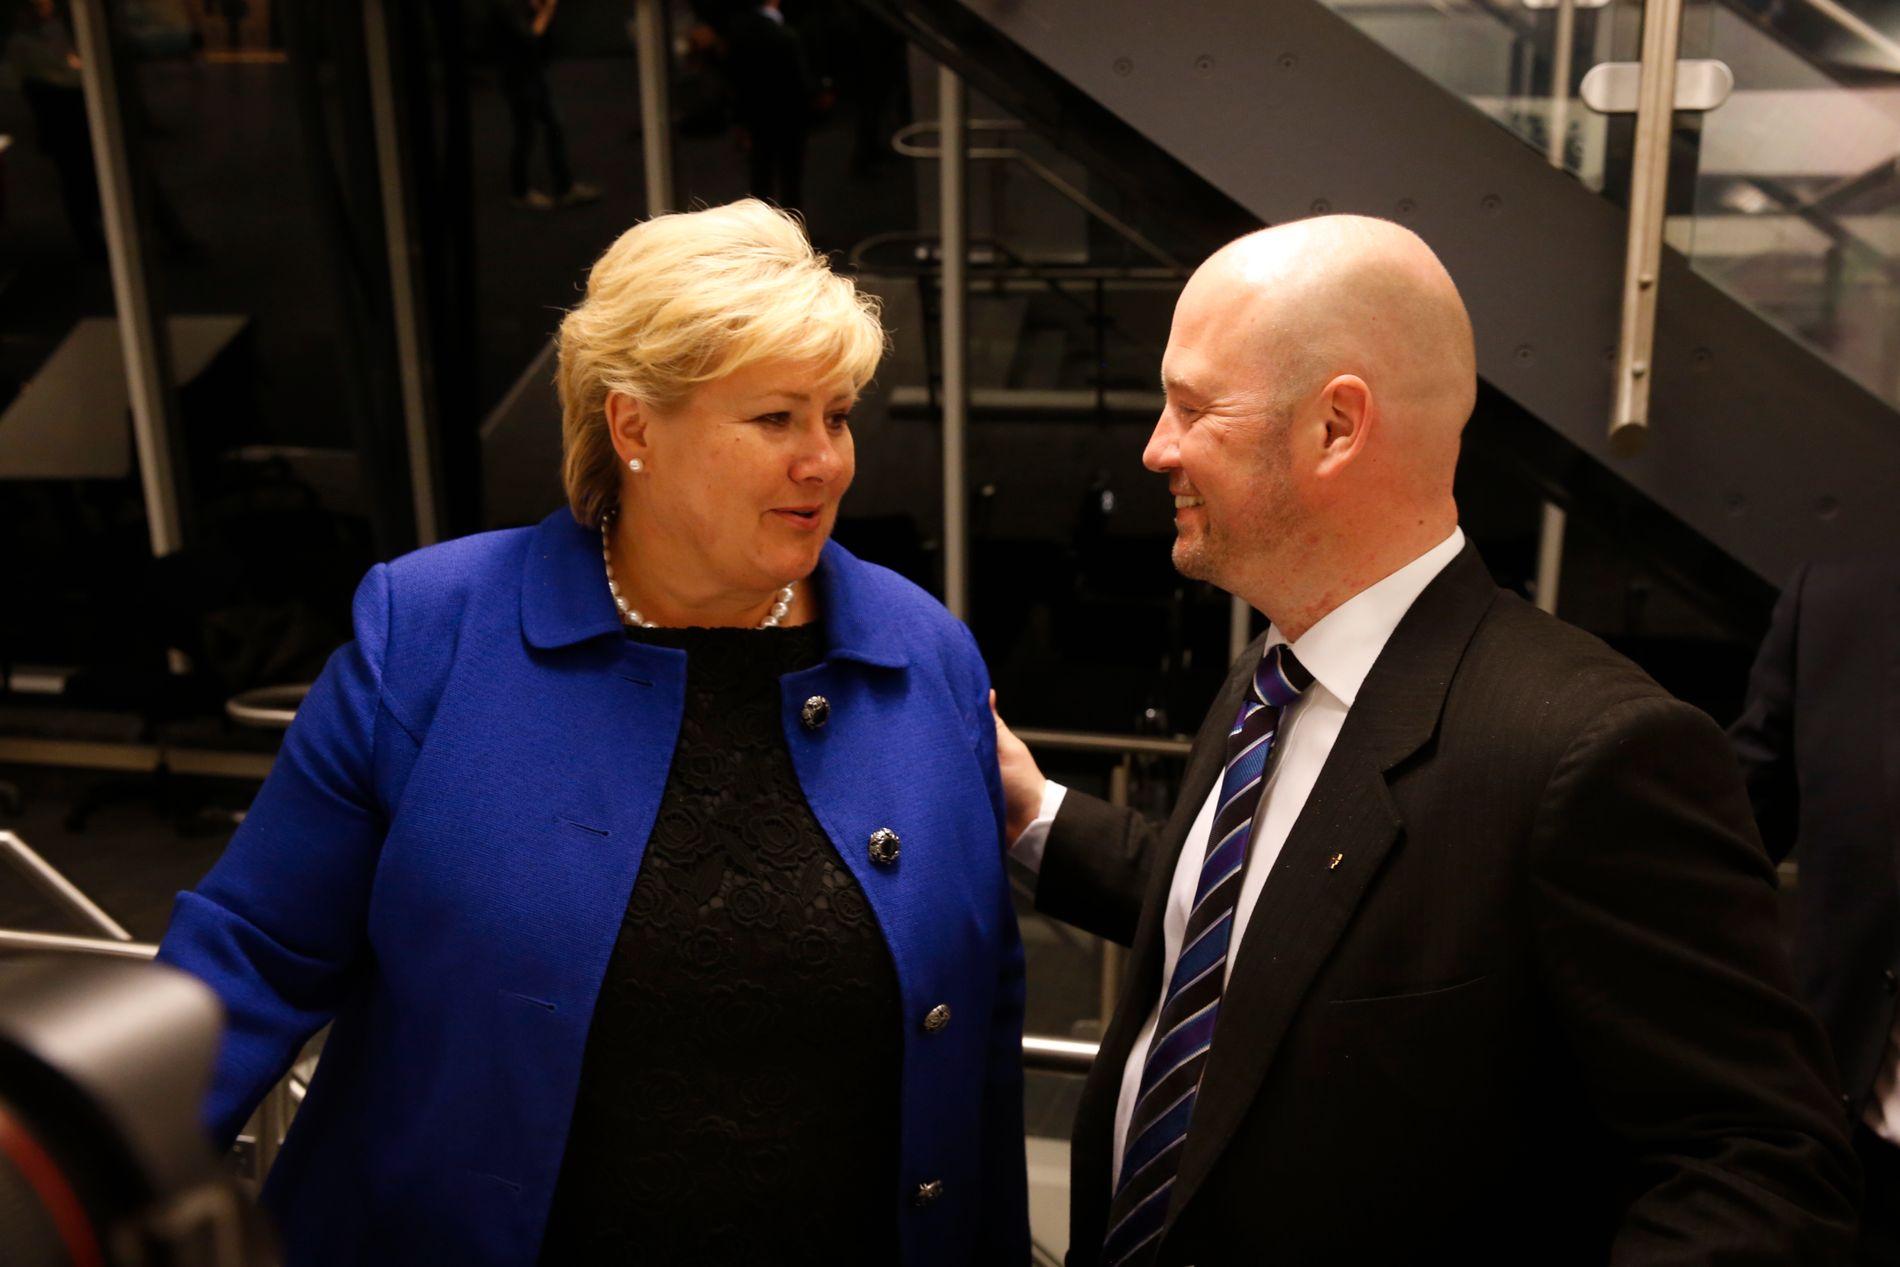 FEIL TIL STORTINGET: Statsminister Erna Solberg (H) har erkjent at hennes tidligere justisminister Andersen Anundsen (Frp) ga feil informasjon til Stortinget om terrorsikring. Nå viser det seg at feilen ble gjentatt.